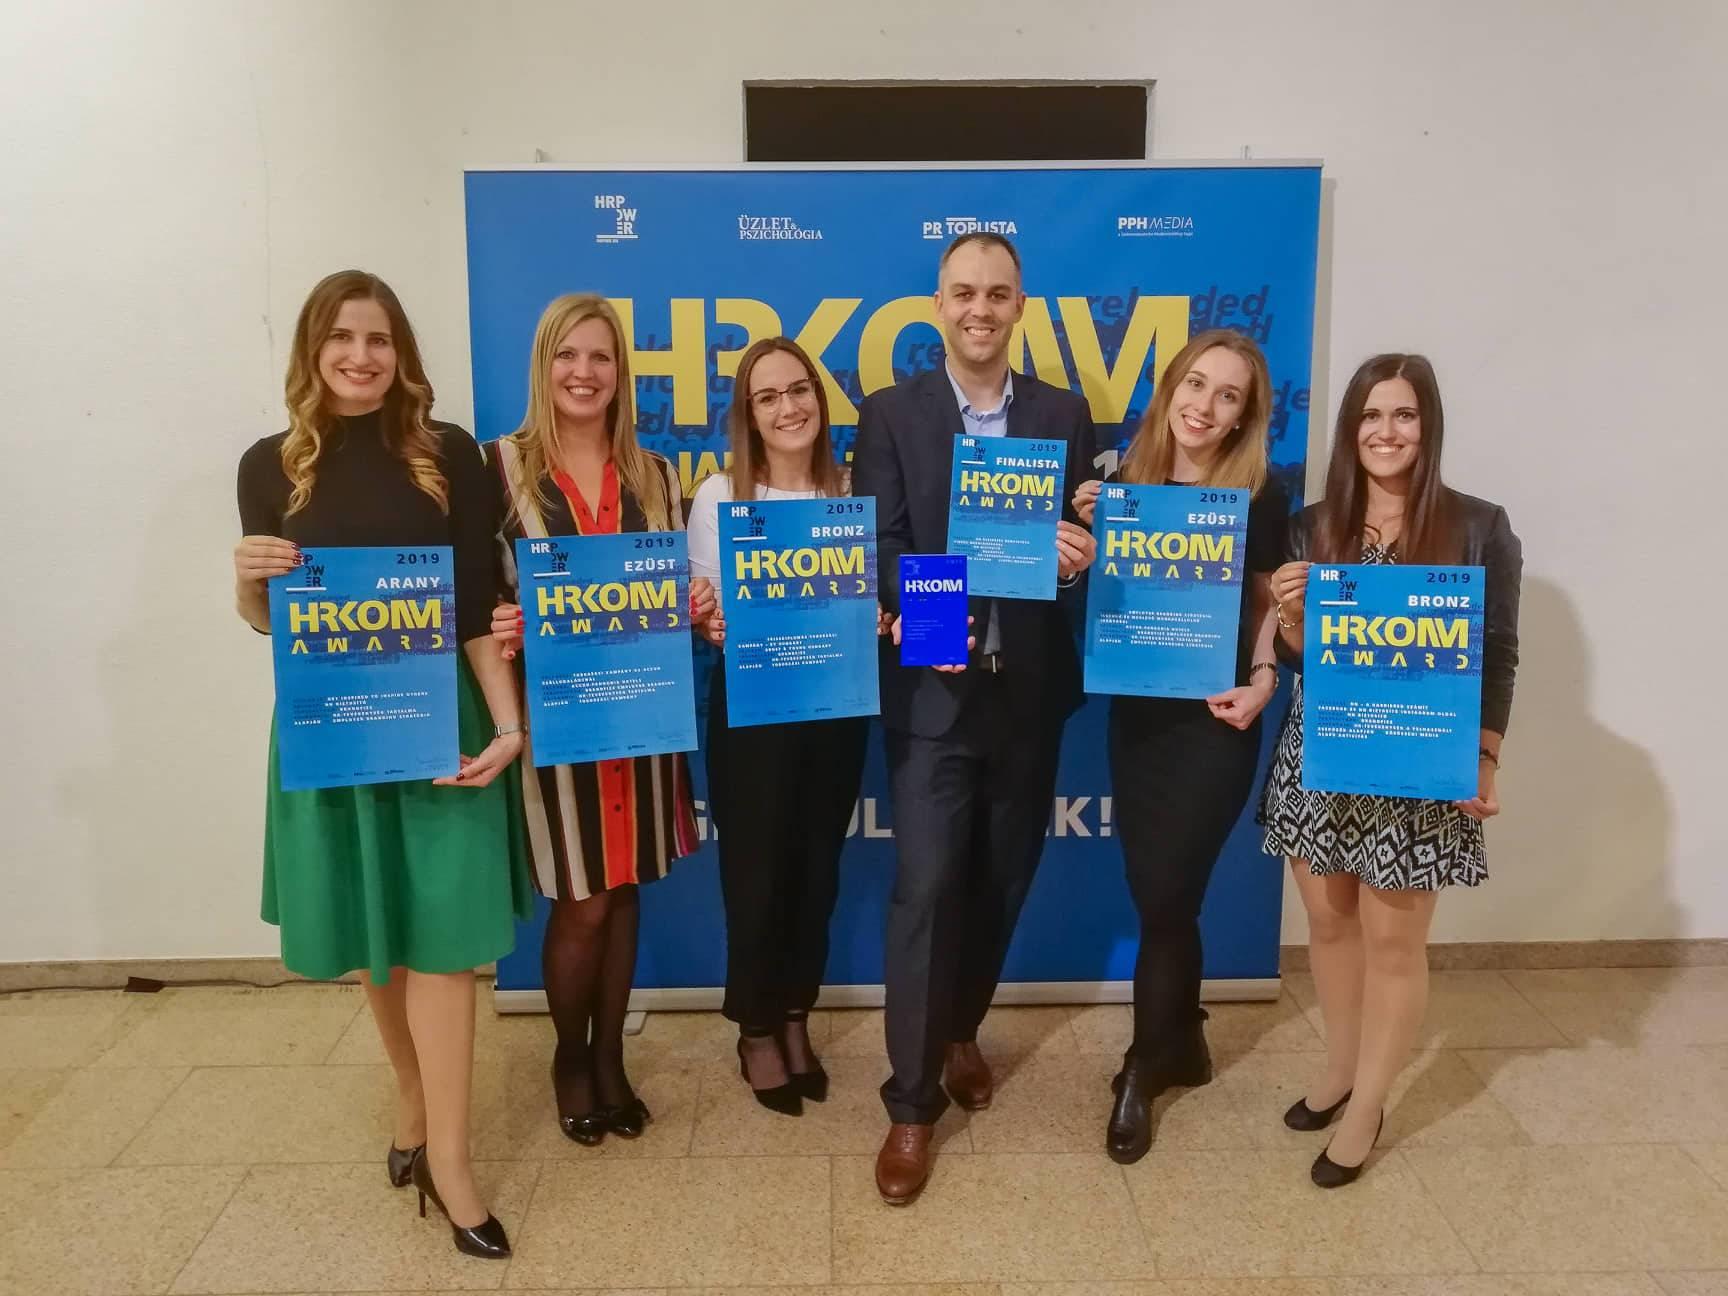 Öt díjat zsebelt be a Brandfizz a rangos HR szakmai díjátadón